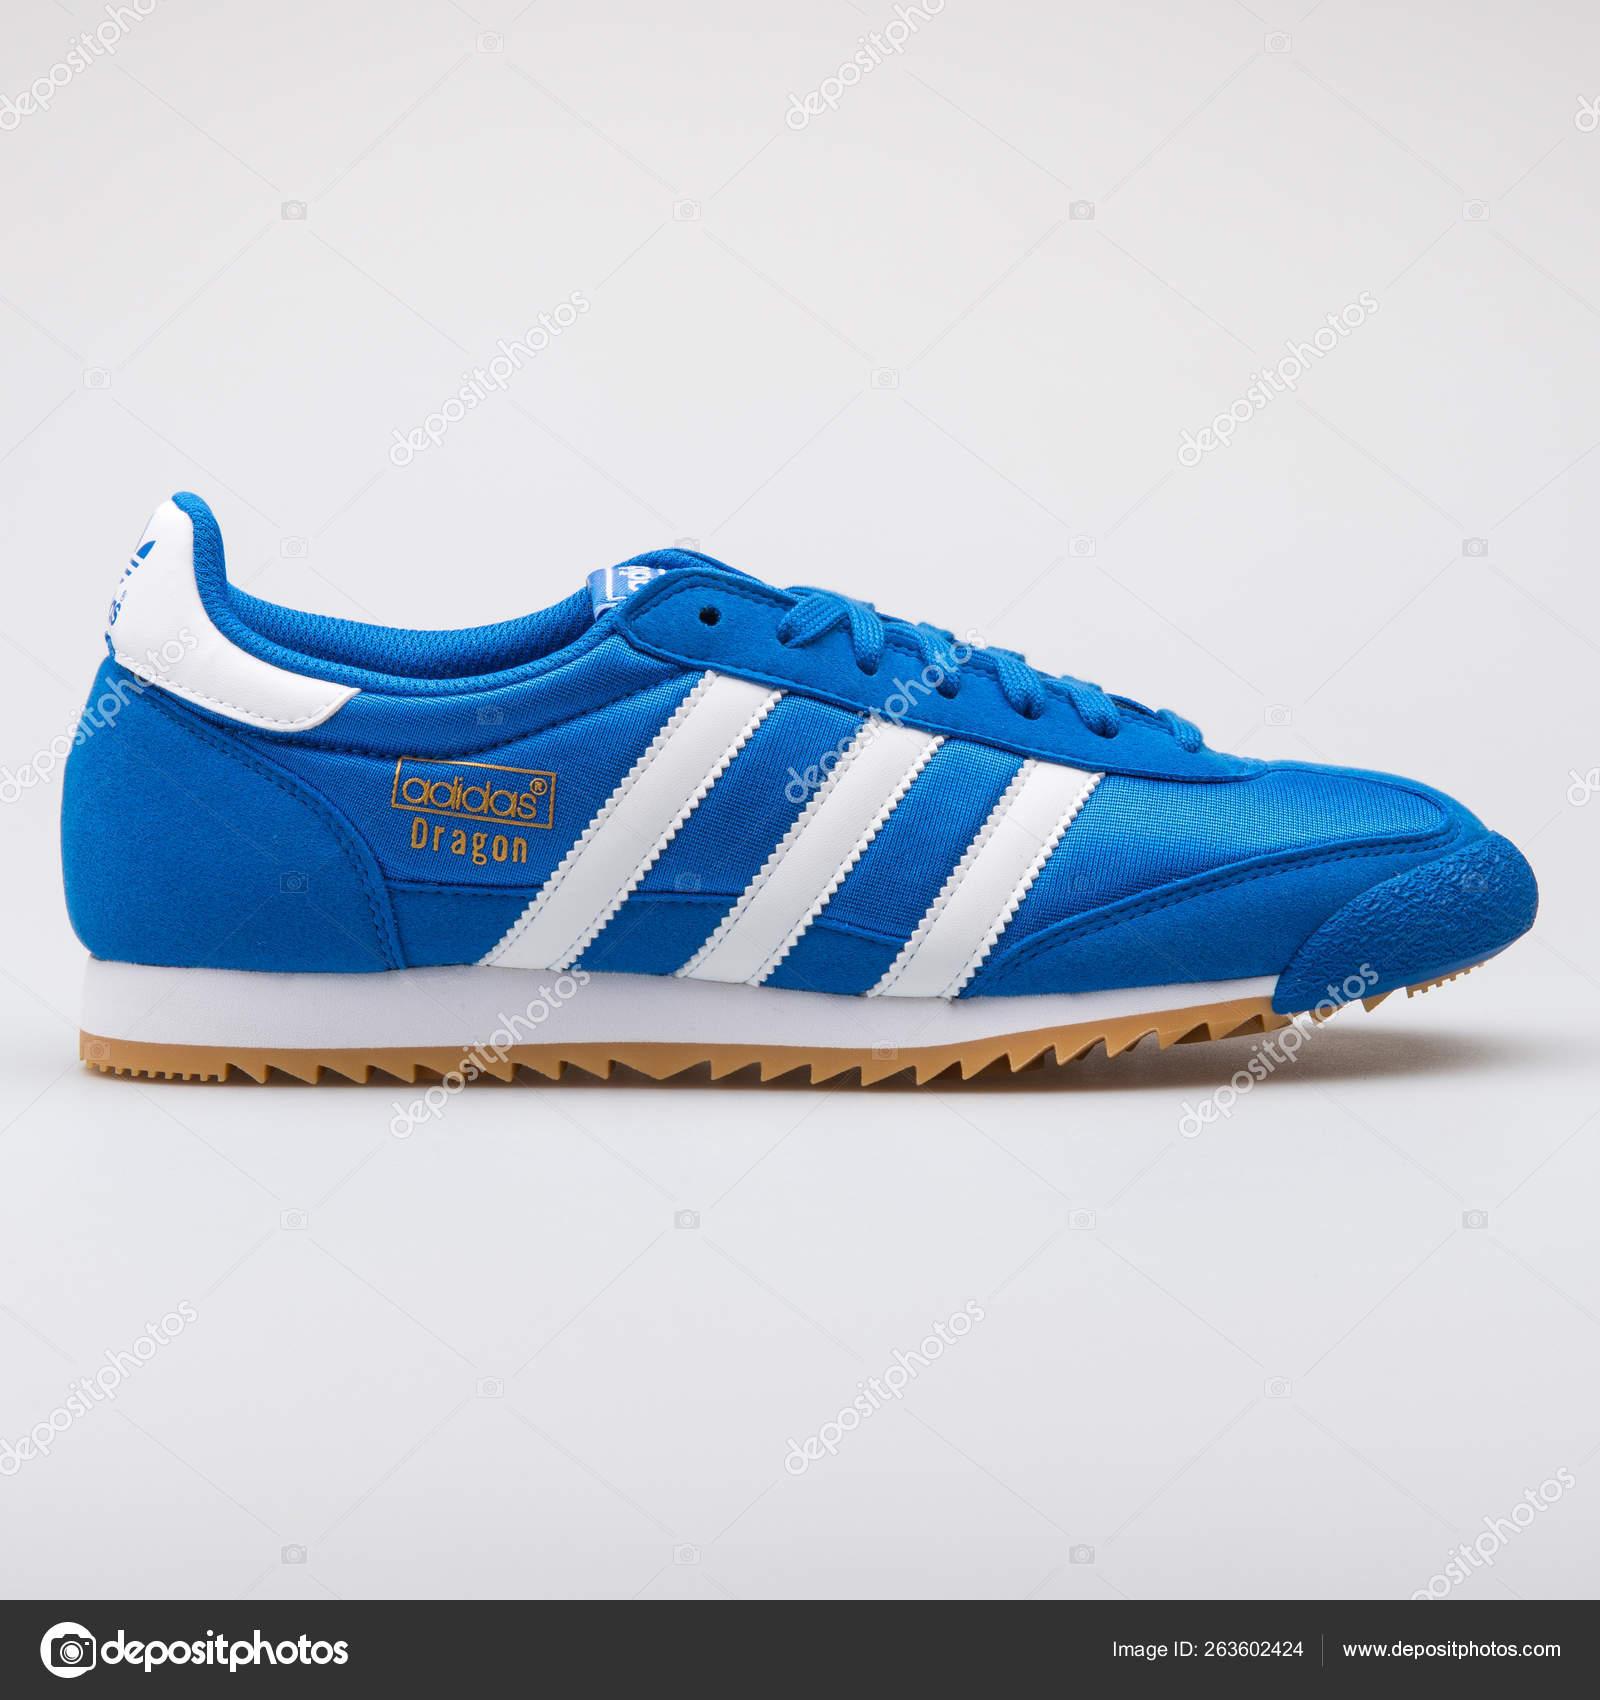 Adidas Dragon OG blue sneaker 263602424